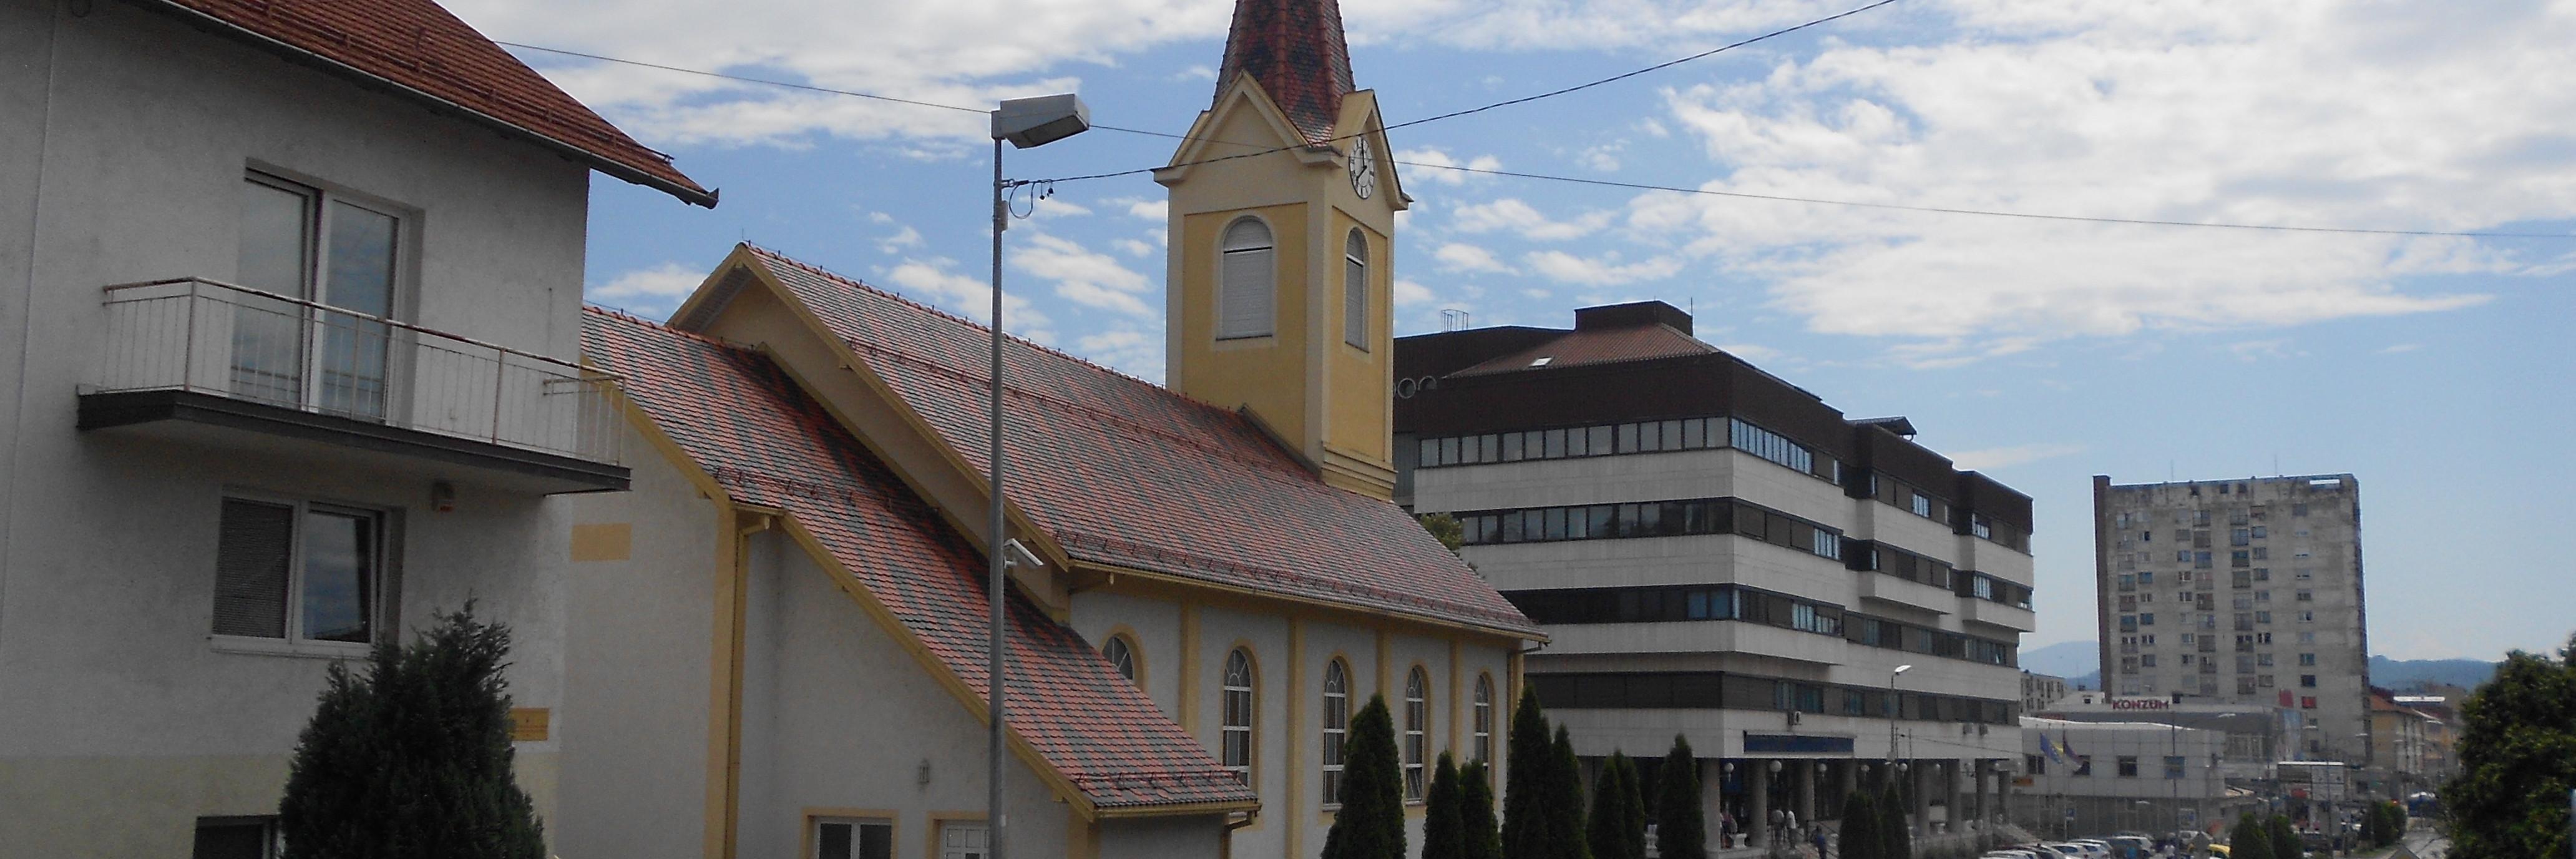 Церковь Святейшего Сердца Иисуса в Добое